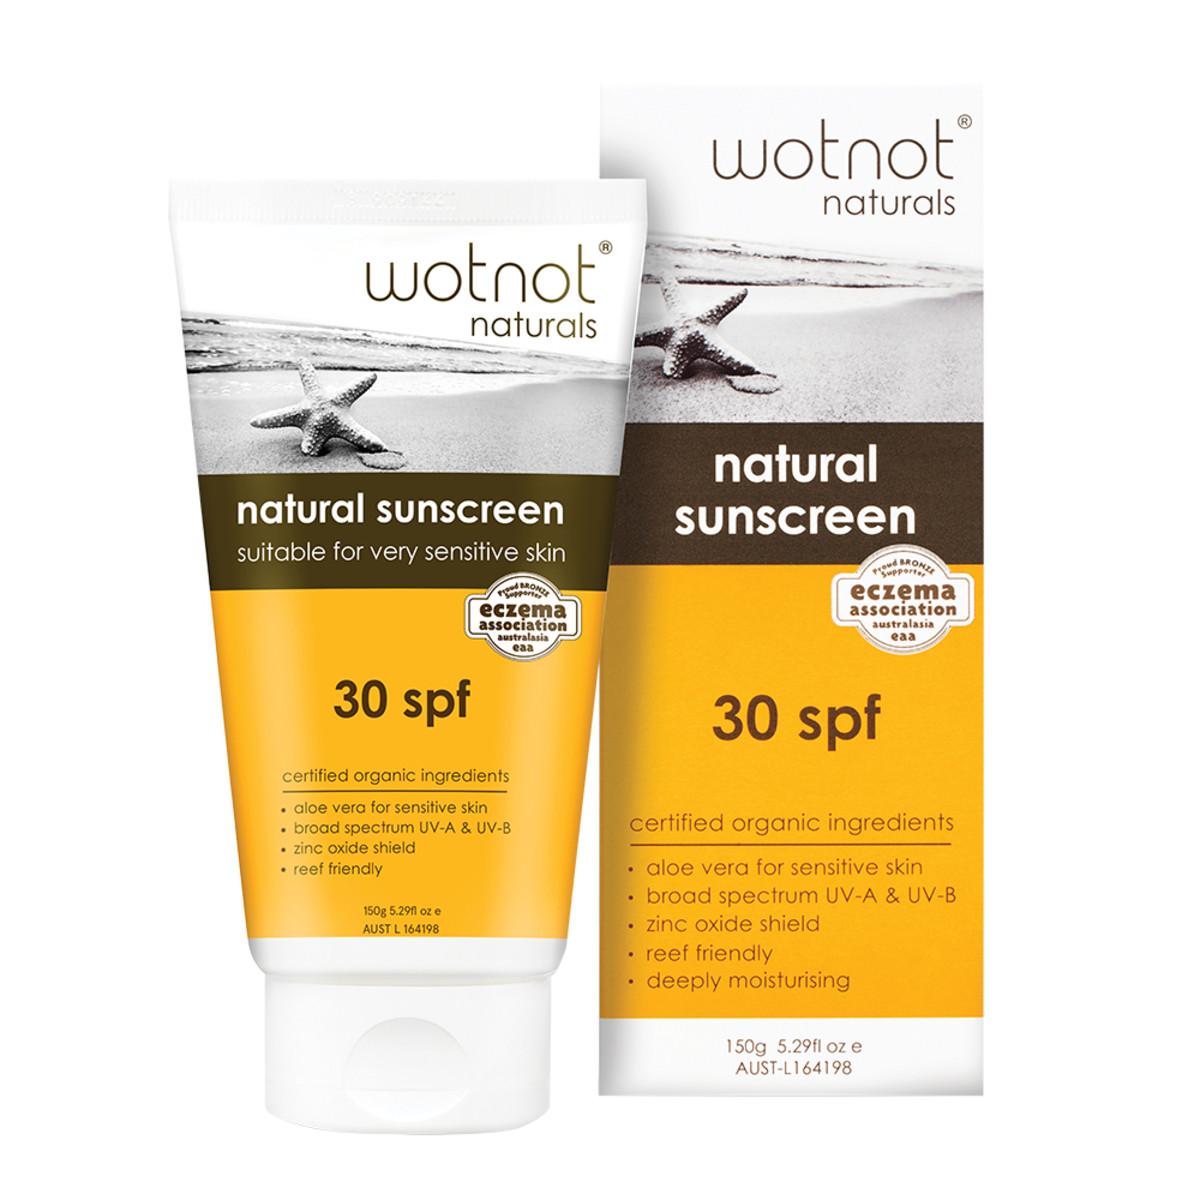 Wotnot Natural Sunscreen 30 SPF 150g_media-01